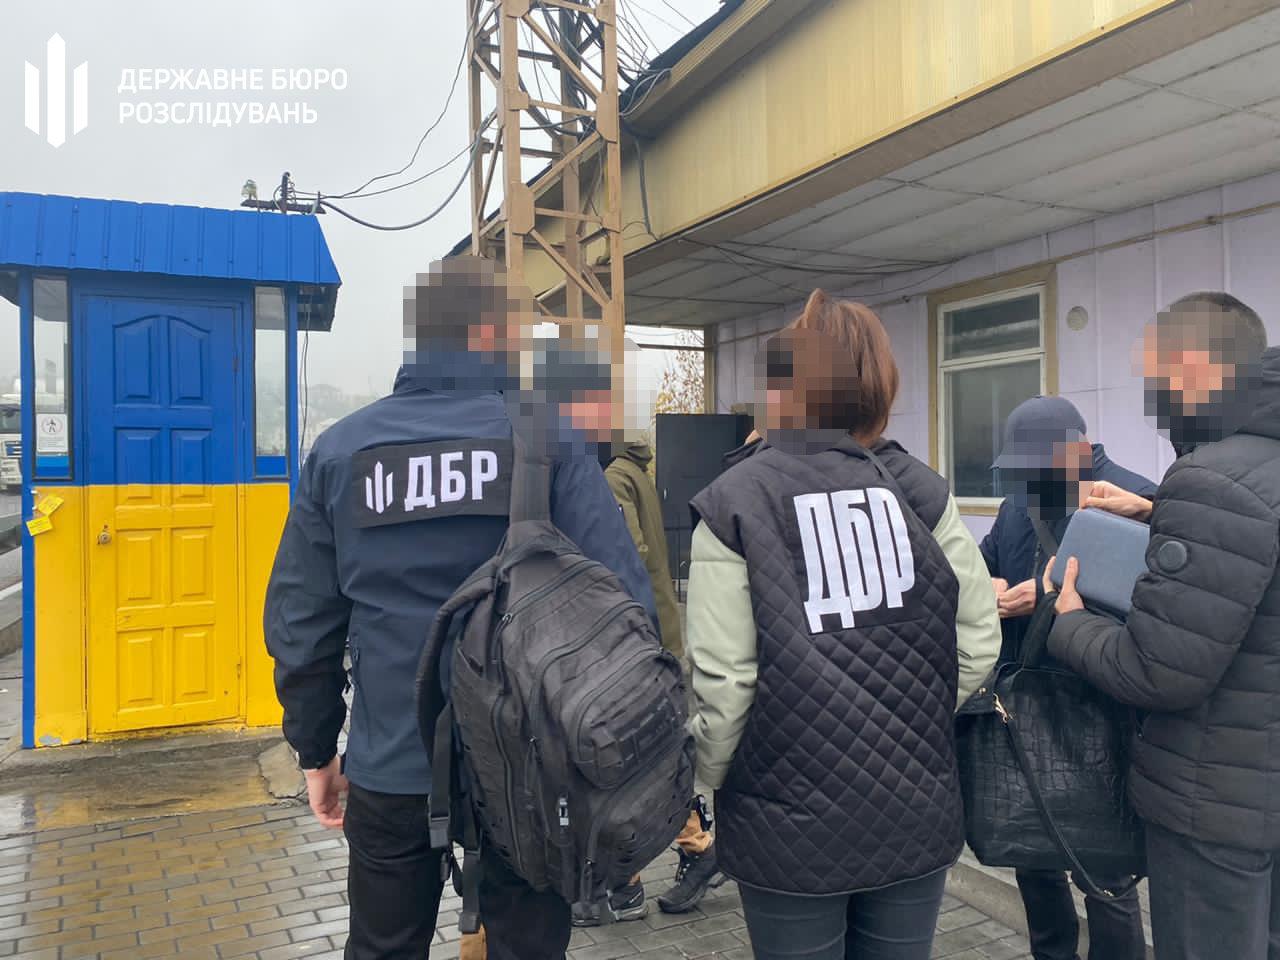 Хмельницьке ДБР викрило схему незаконного переміщення бурштину з України до Республіки Молдова, фото-2